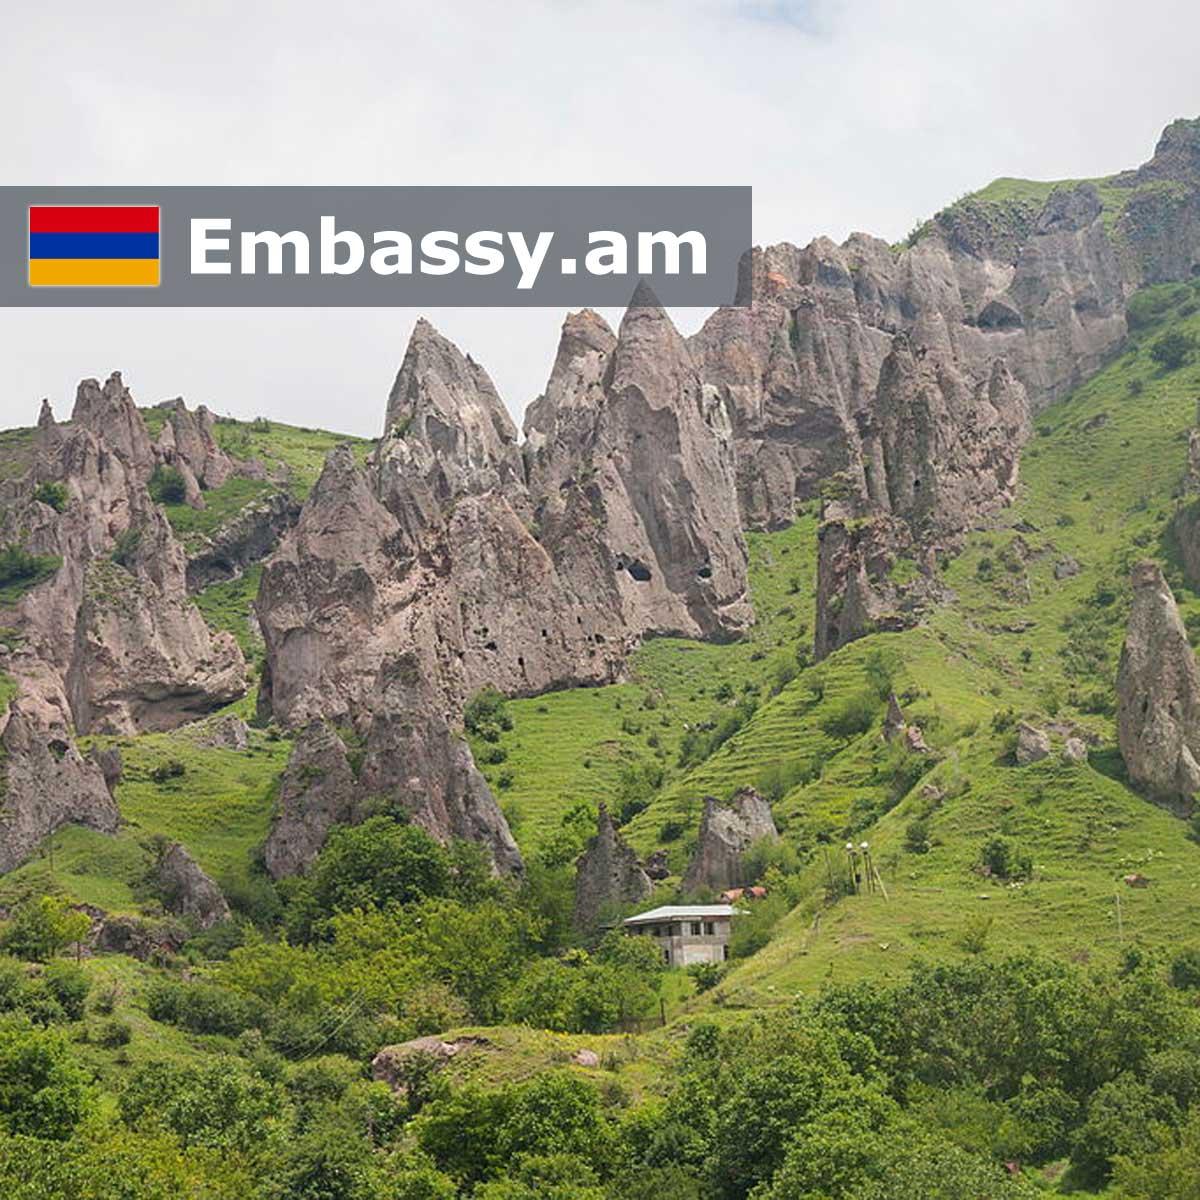 Горис - Отели в Армении - Embassy.am